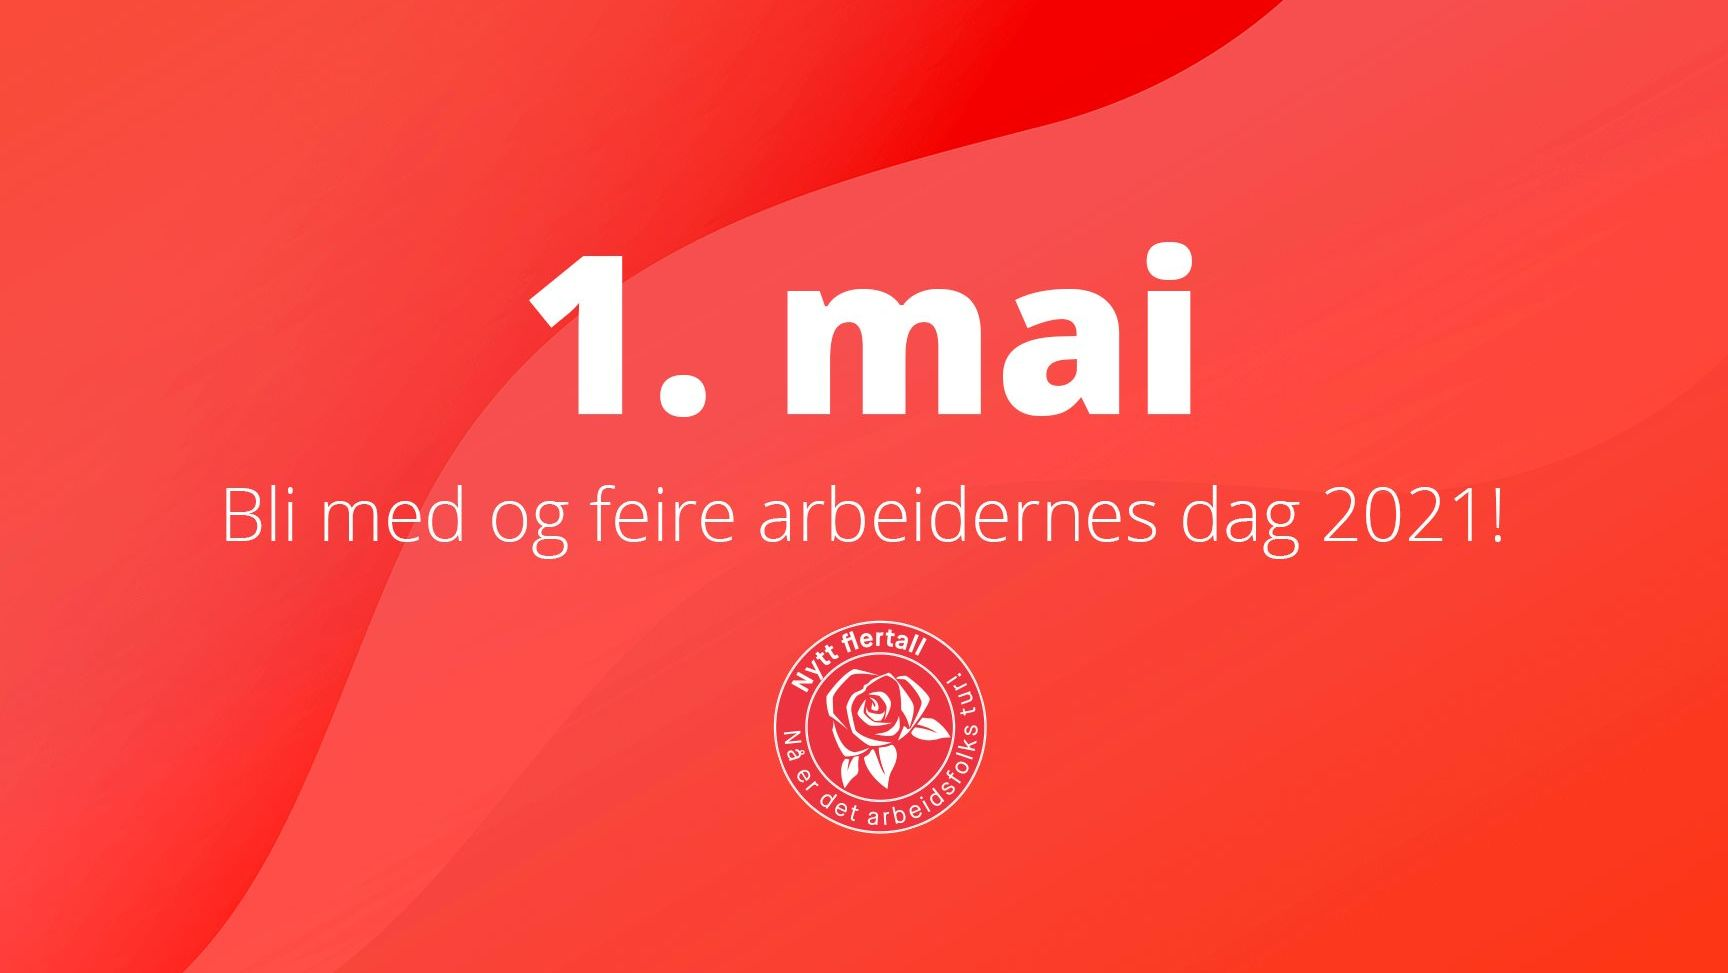 """Bilde med tekst """"Bli med og feire arbeidernes dag 2021"""" og 1. mai merket"""